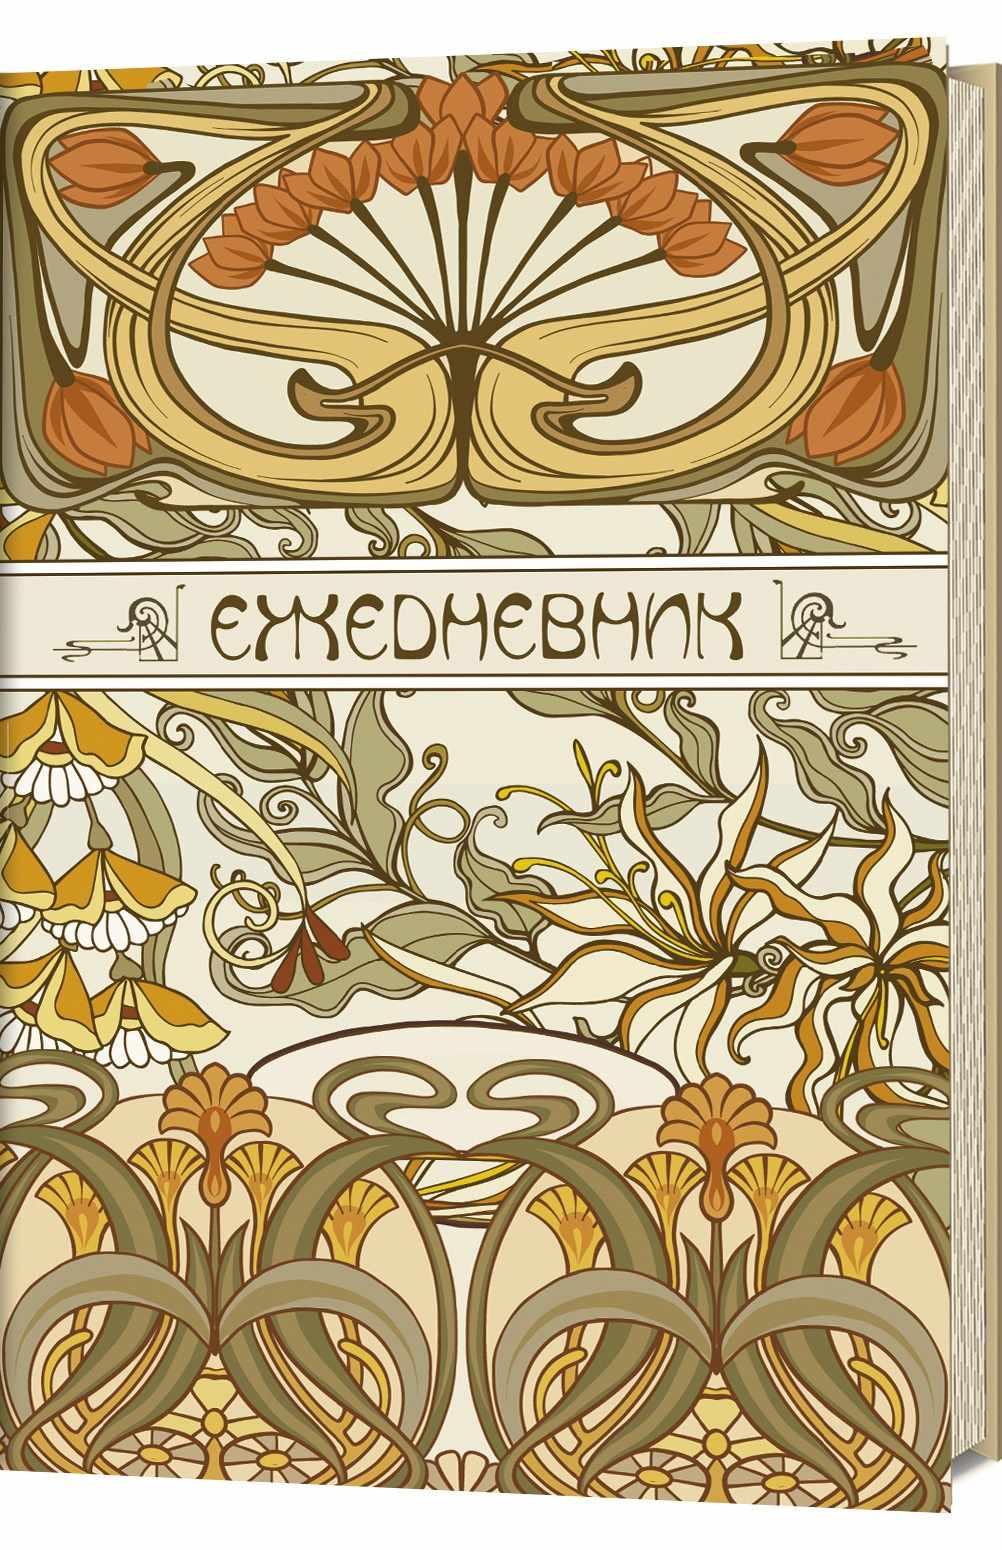 Ежедневник art nouveau (светло-бежевый фон)